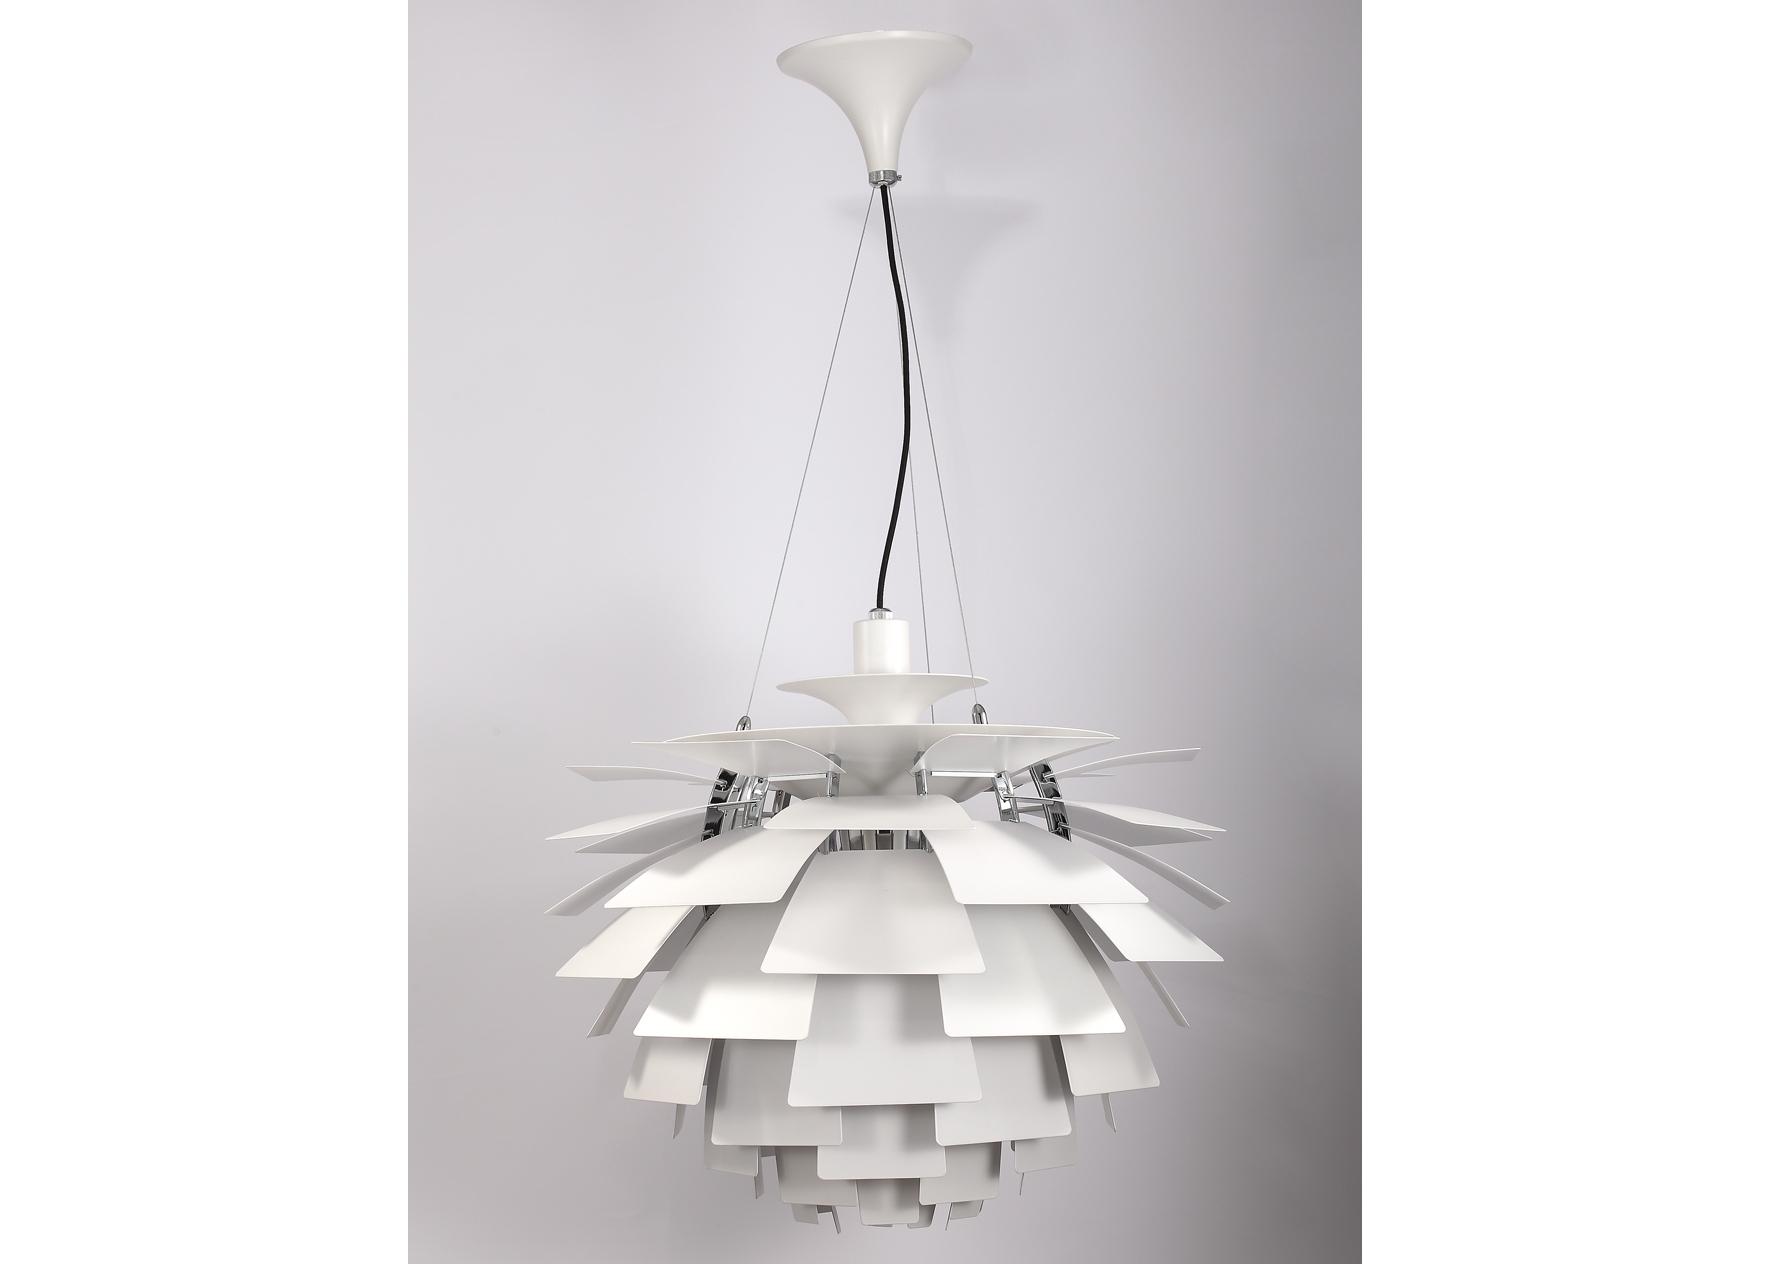 Светильник ZephyrПодвесные светильники<br>Материал: Металл<br>Design by Ketty Smith USA<br>Источник света: 1*60W (E27)<br>Особенности:<br>  а) Алюминий<br>  b) Оригинальный дизайн&amp;amp;nbsp;<br><br>Material: Алюминий<br>Высота см: 66.0